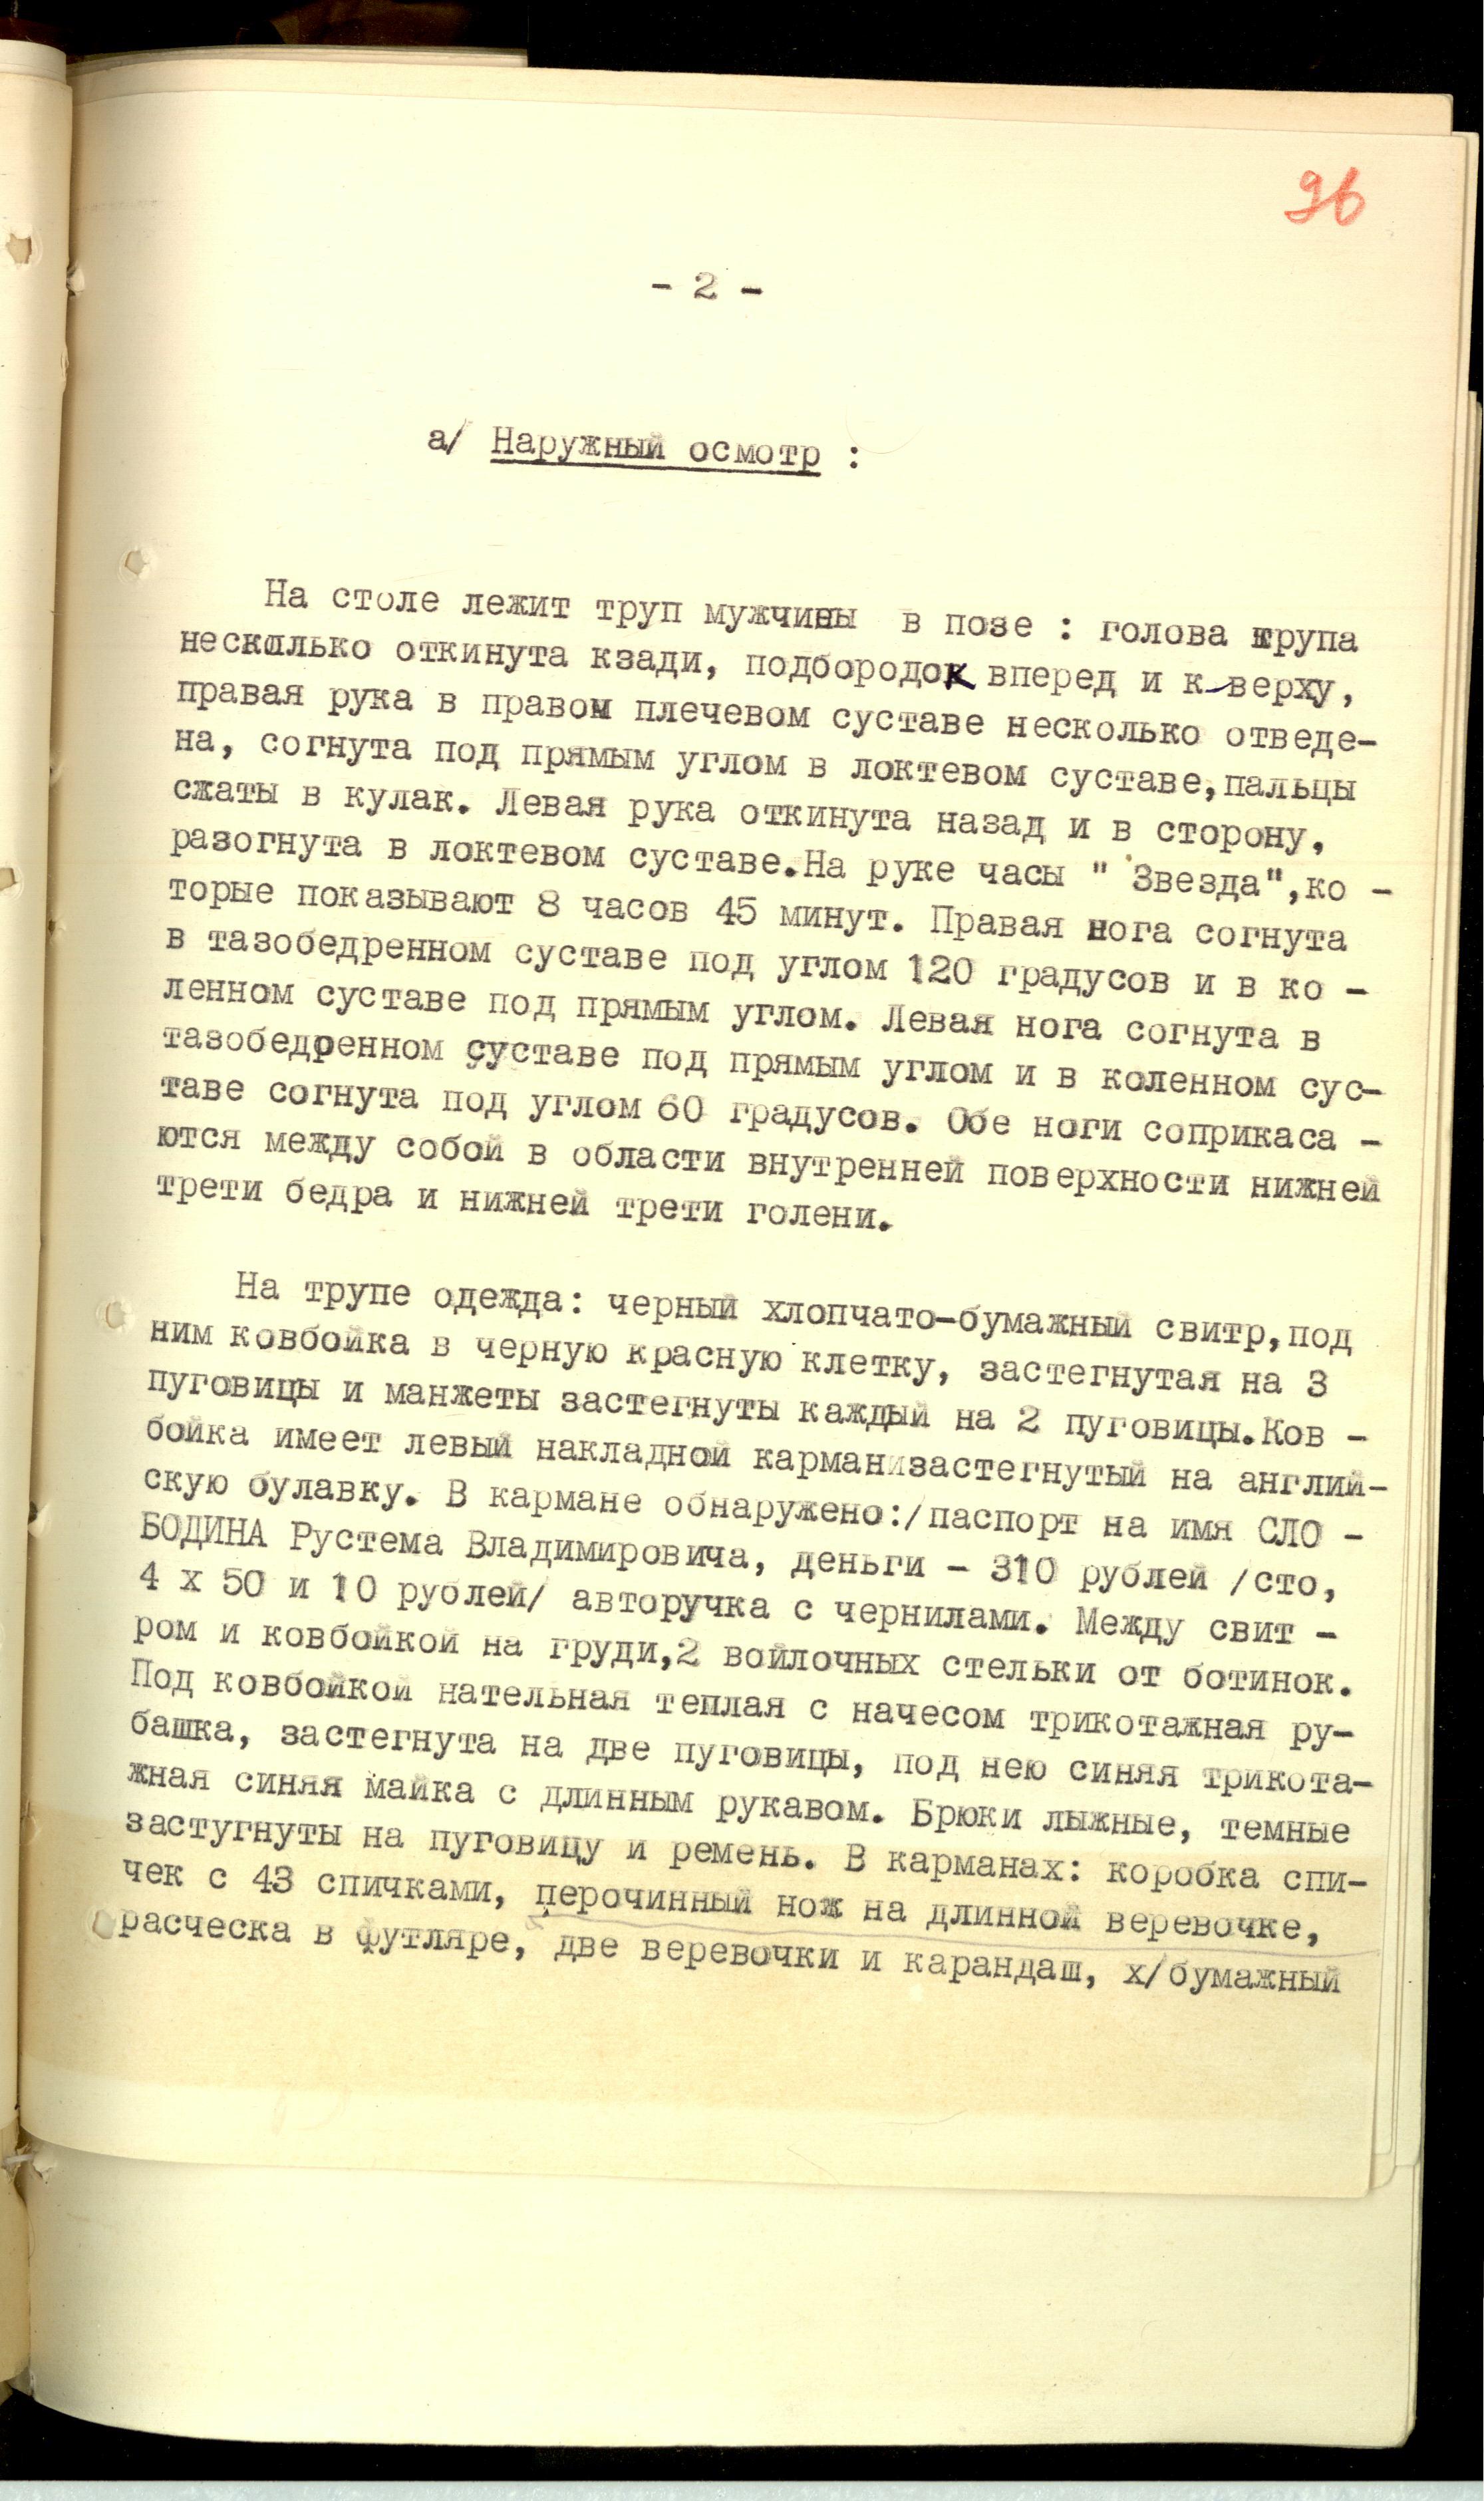 https://img-fotki.yandex.ru/get/5645/158080519.50/0_a56ee_7ec1f7b8_orig.jpg